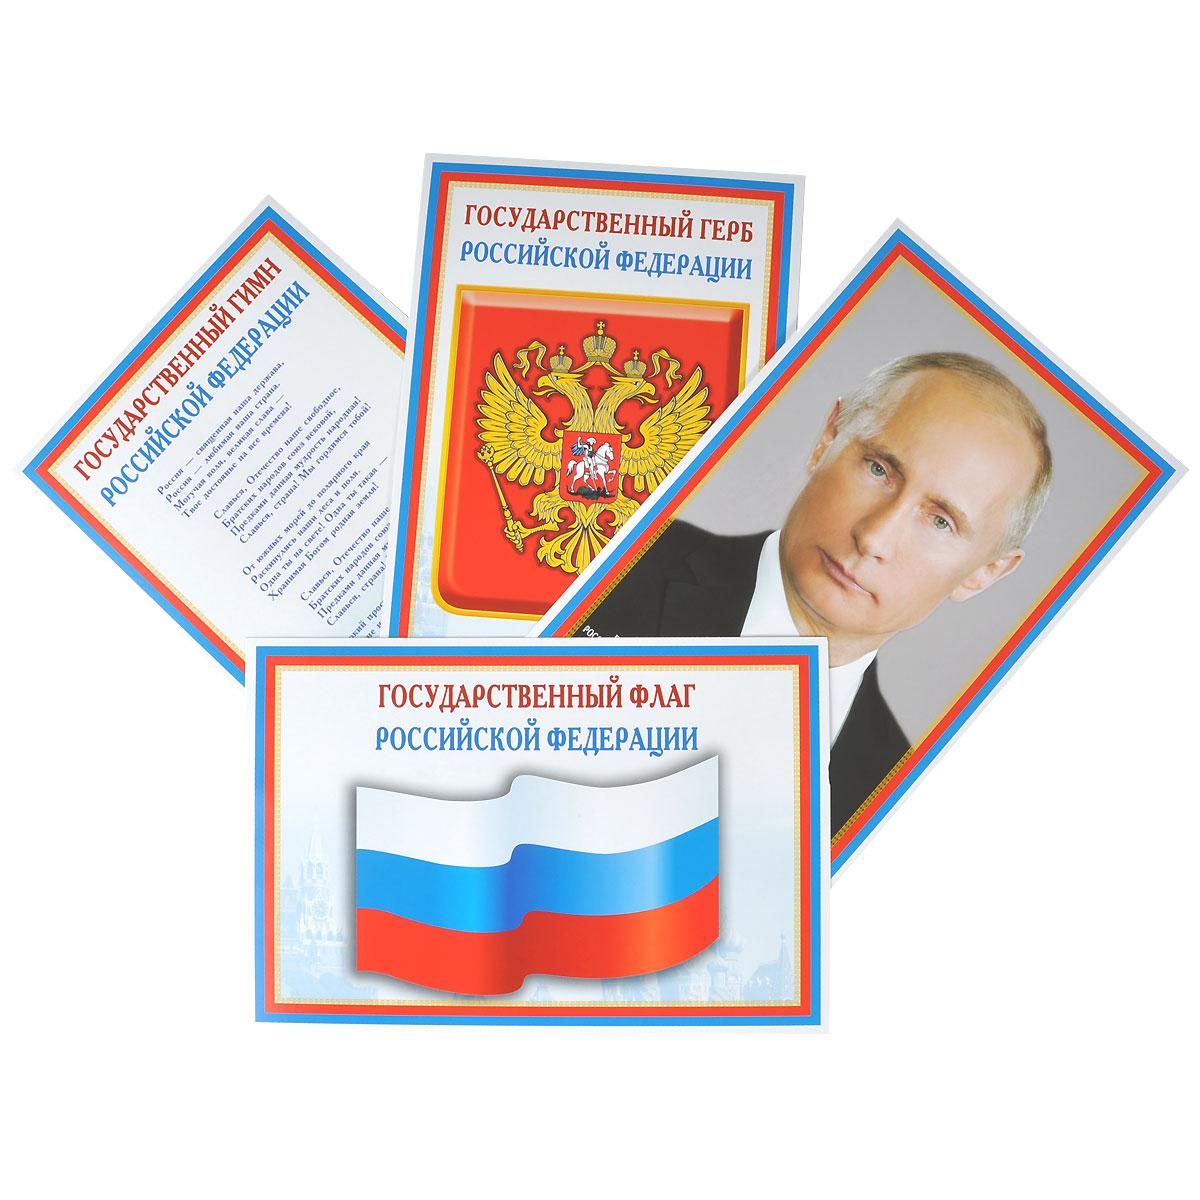 Флаг РФ. Герб РФ. Гимн РФ. Президент РФ (набор из 4 плакатов)